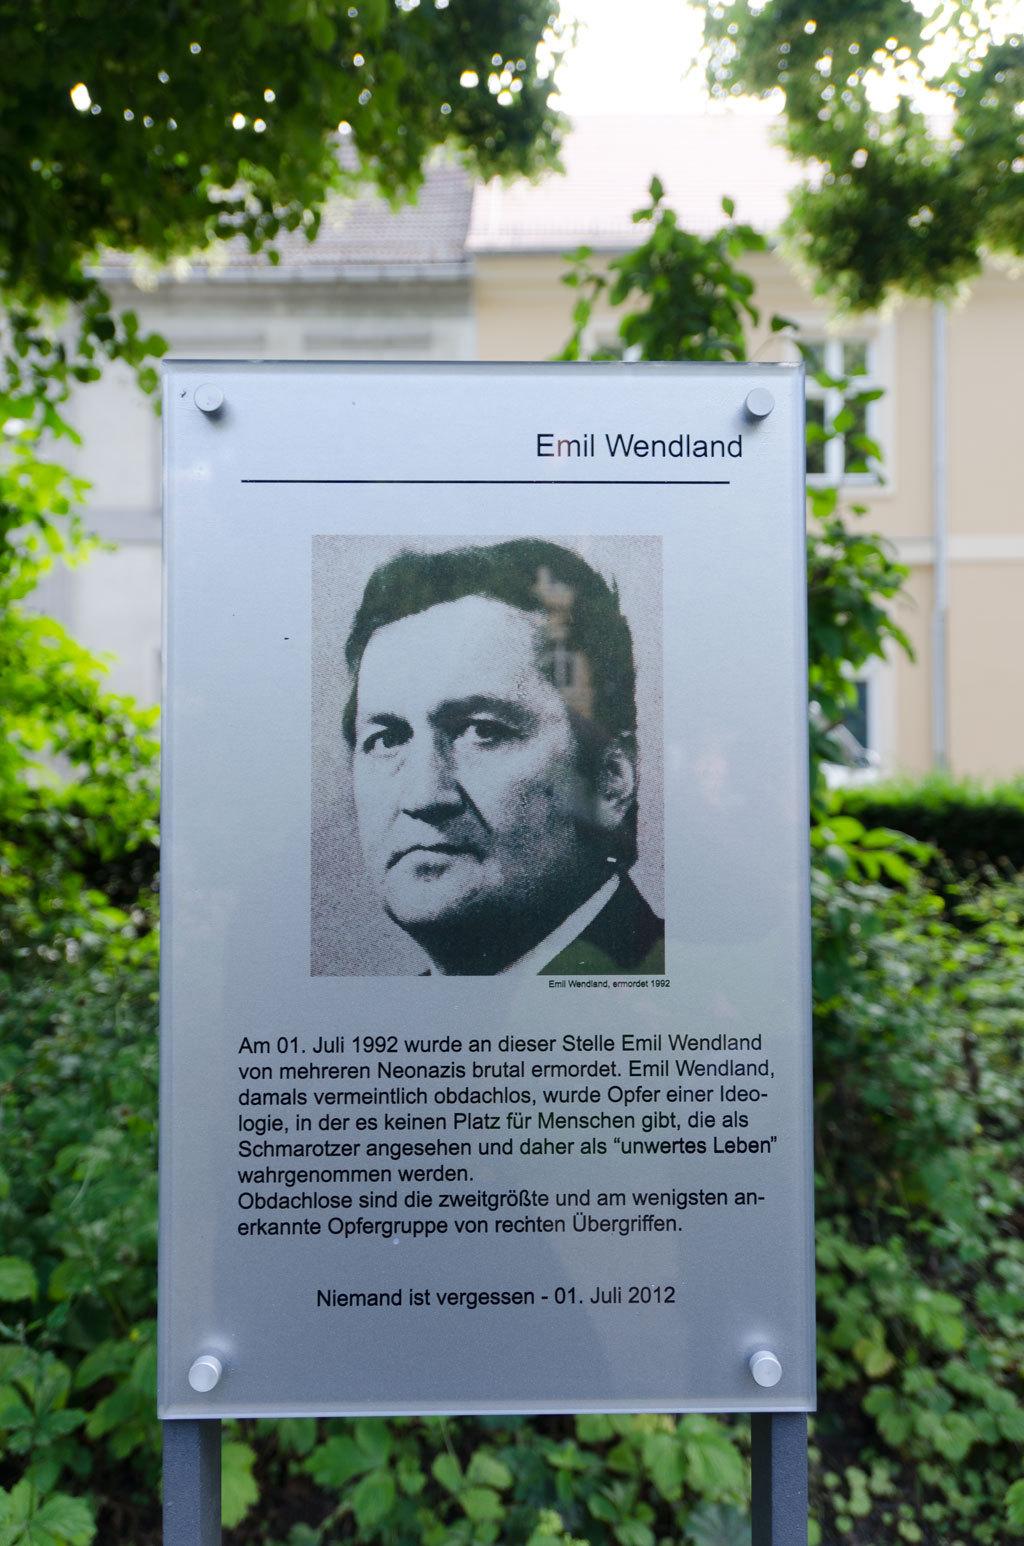 Gedenktafel für Emil Wendland in Neuruppin: »Niemand ist vergessen!« (Foto: Opferperspektive)